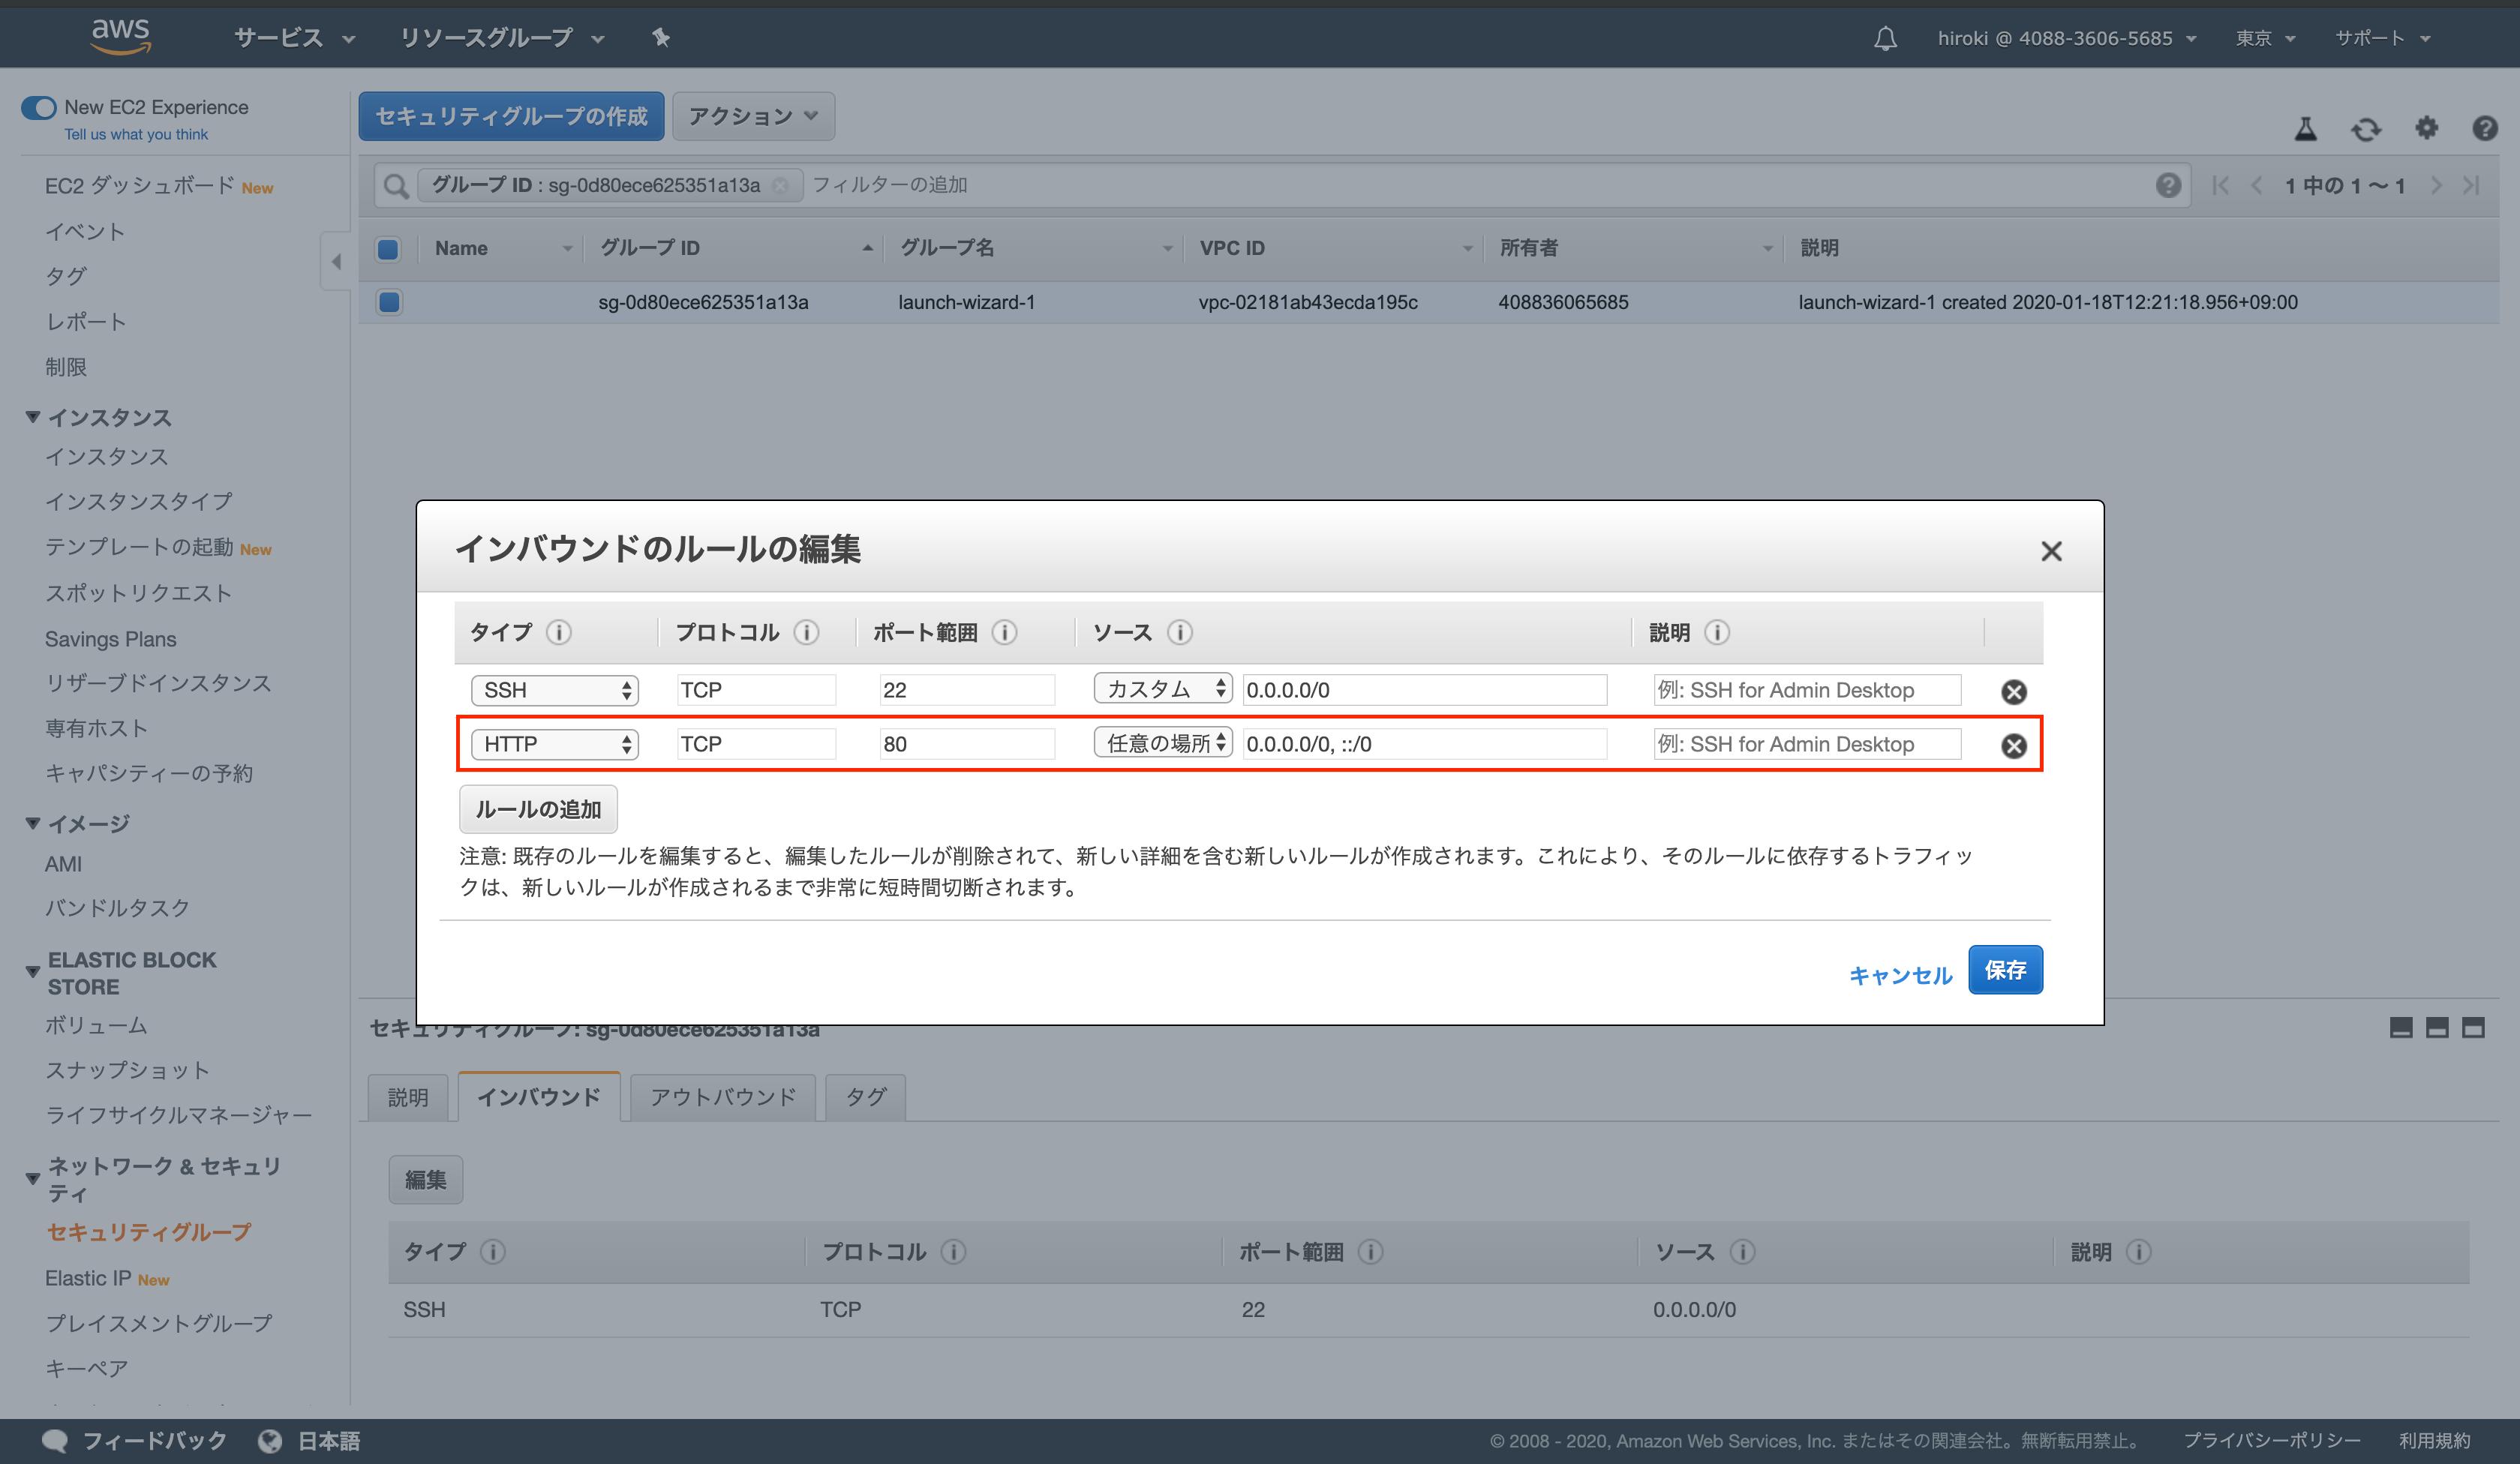 スクリーンショット 2020-01-19 14.19.04.png